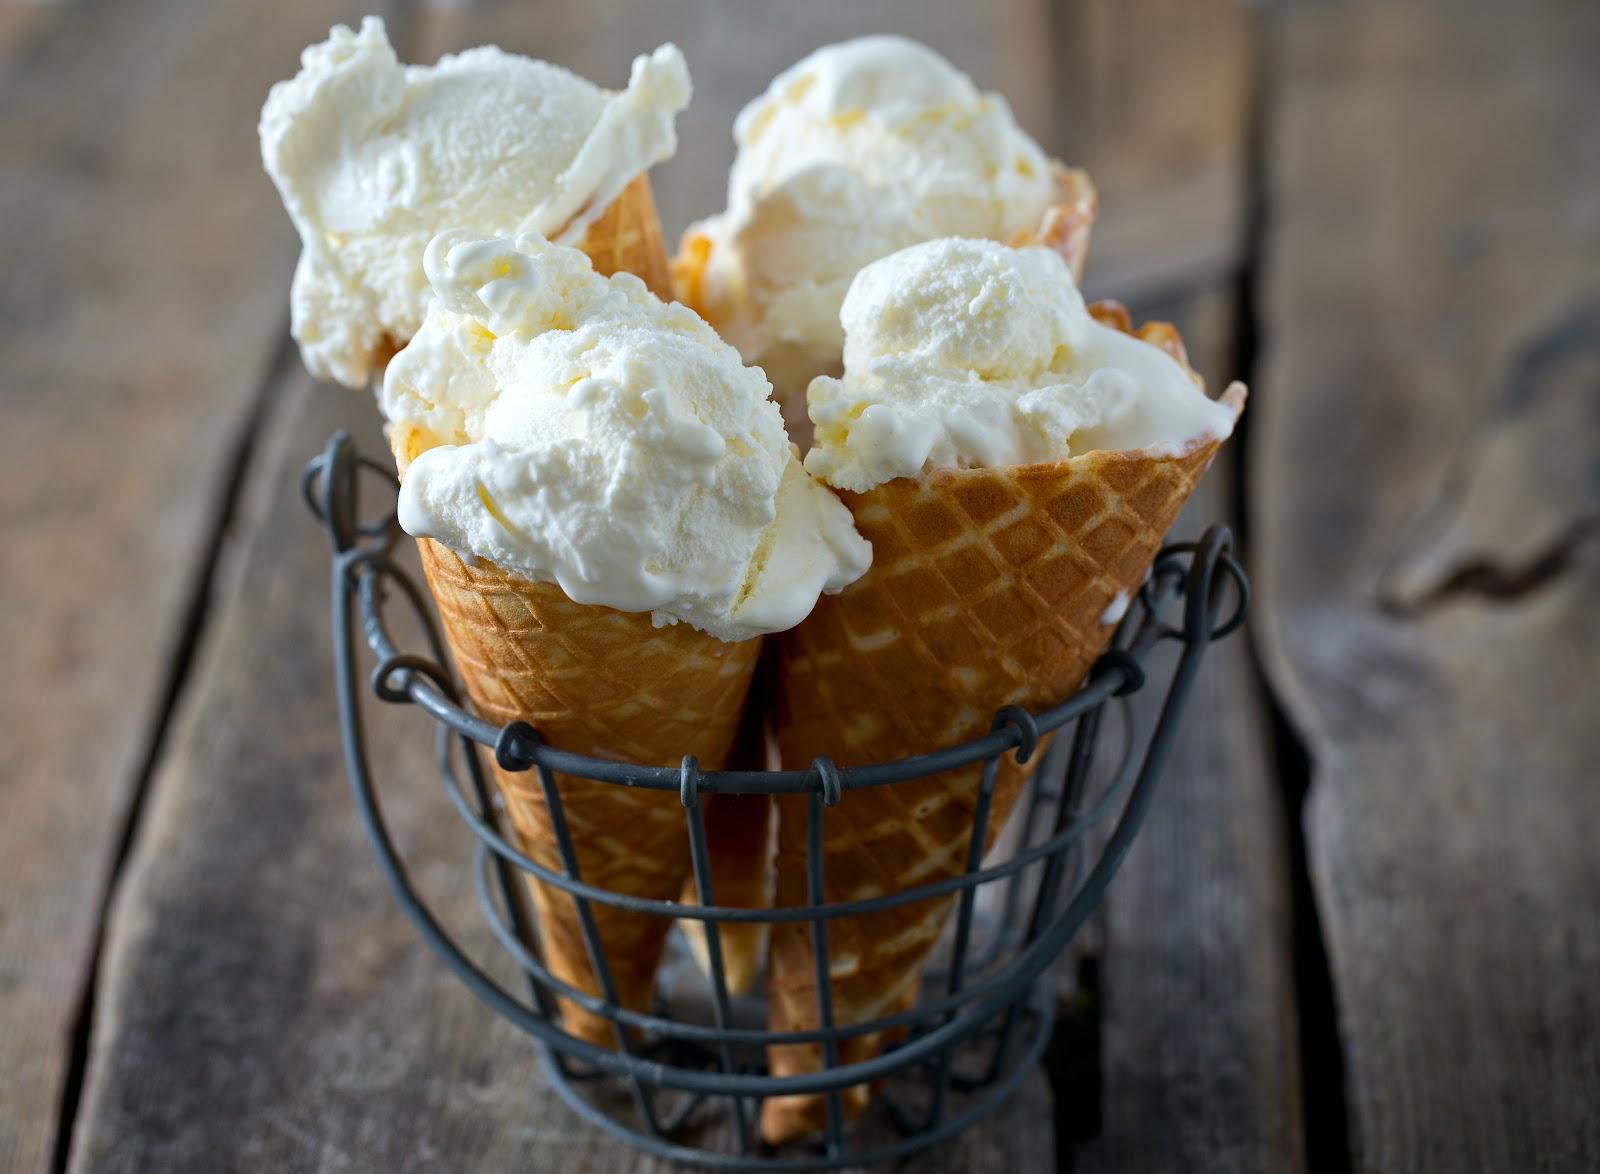 four vanilla ice cream cones in a wire holder